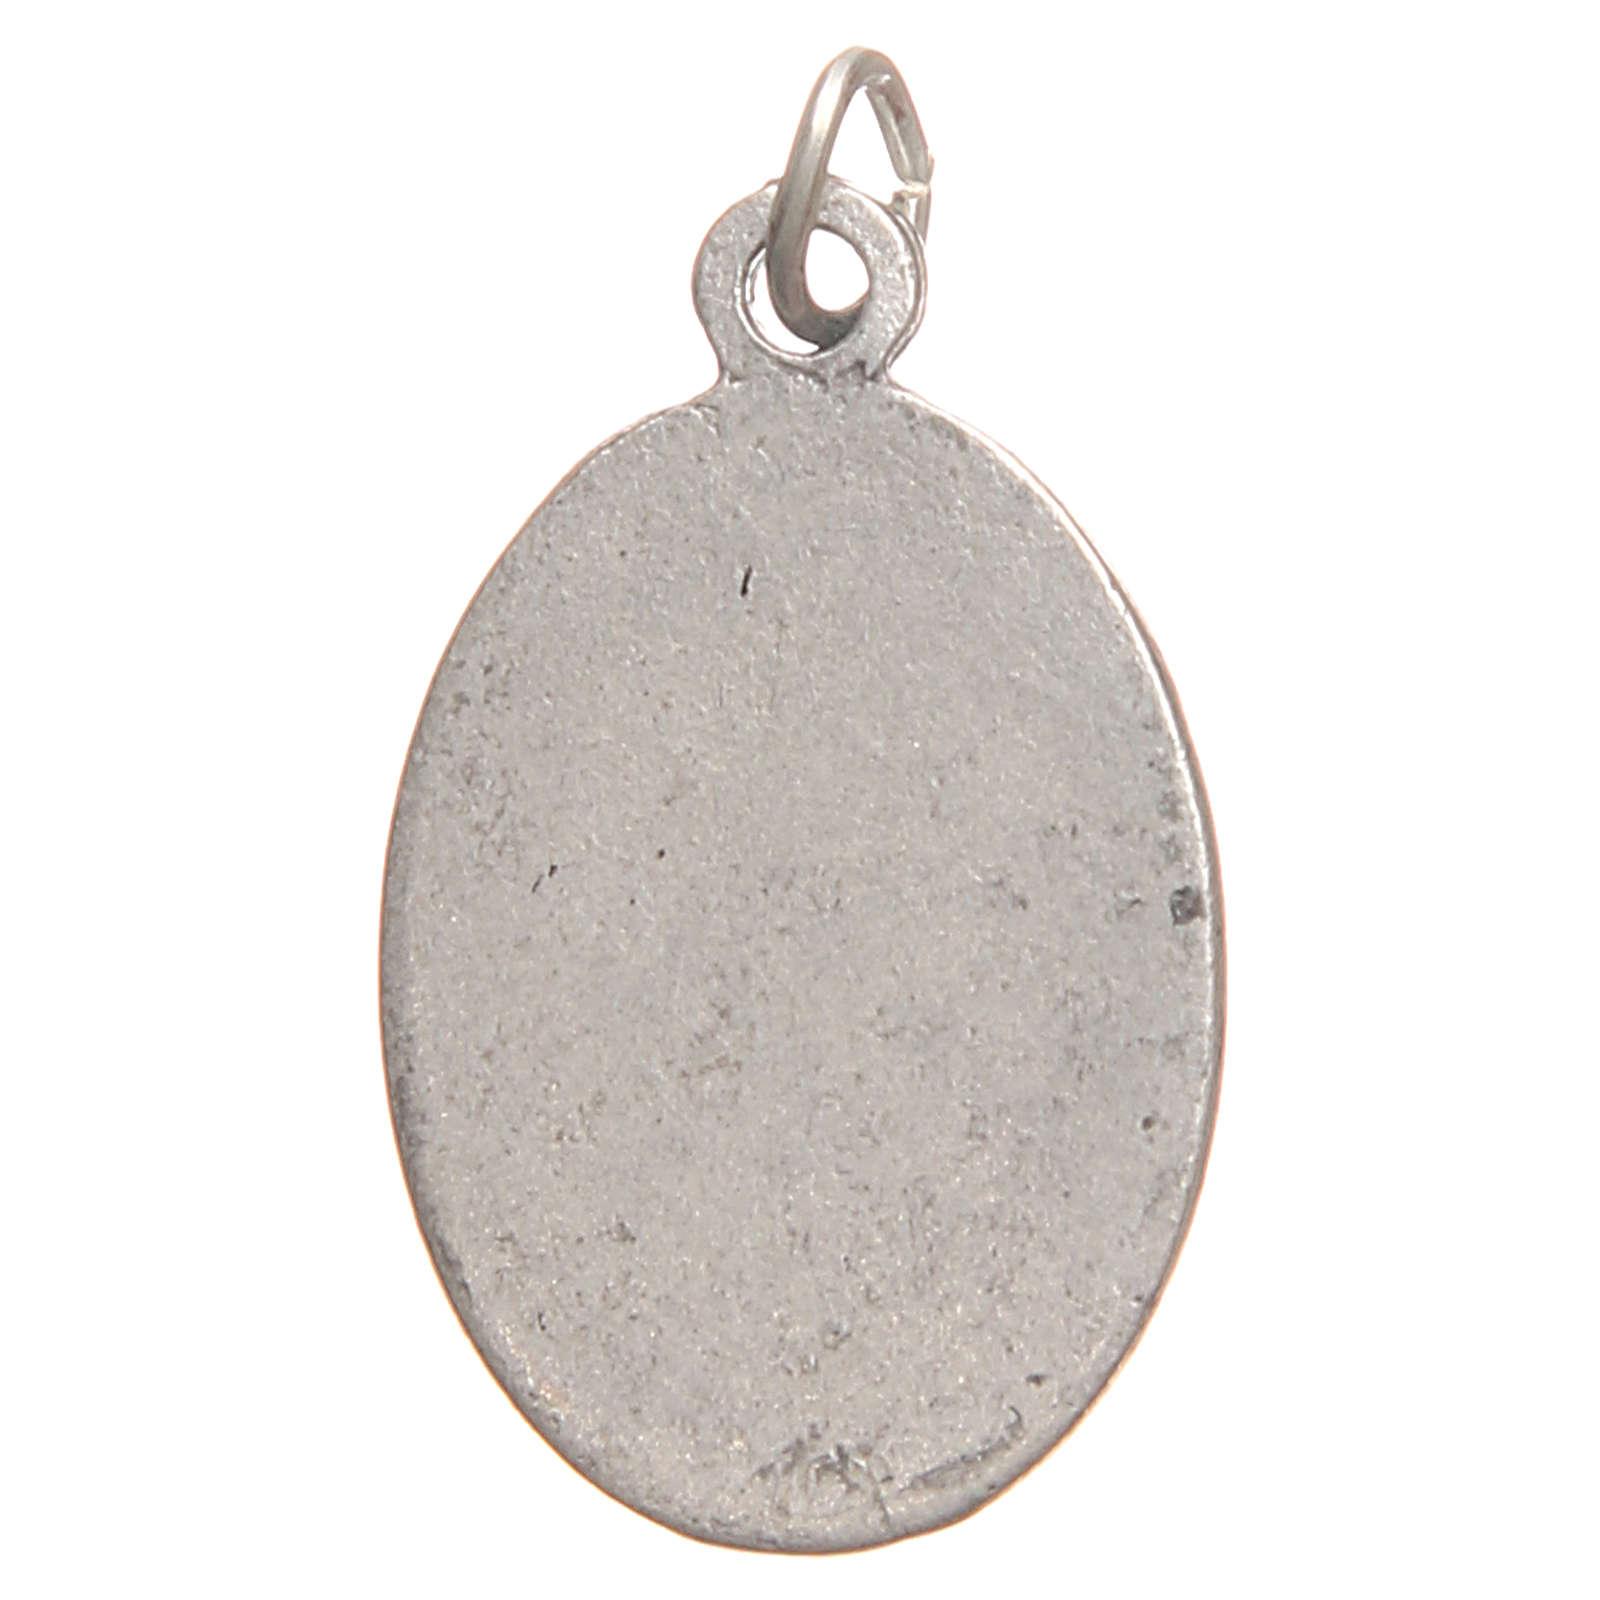 Médaille pendentif Sainte Faustine galvanisée argent vieilli 2,1 cm 4